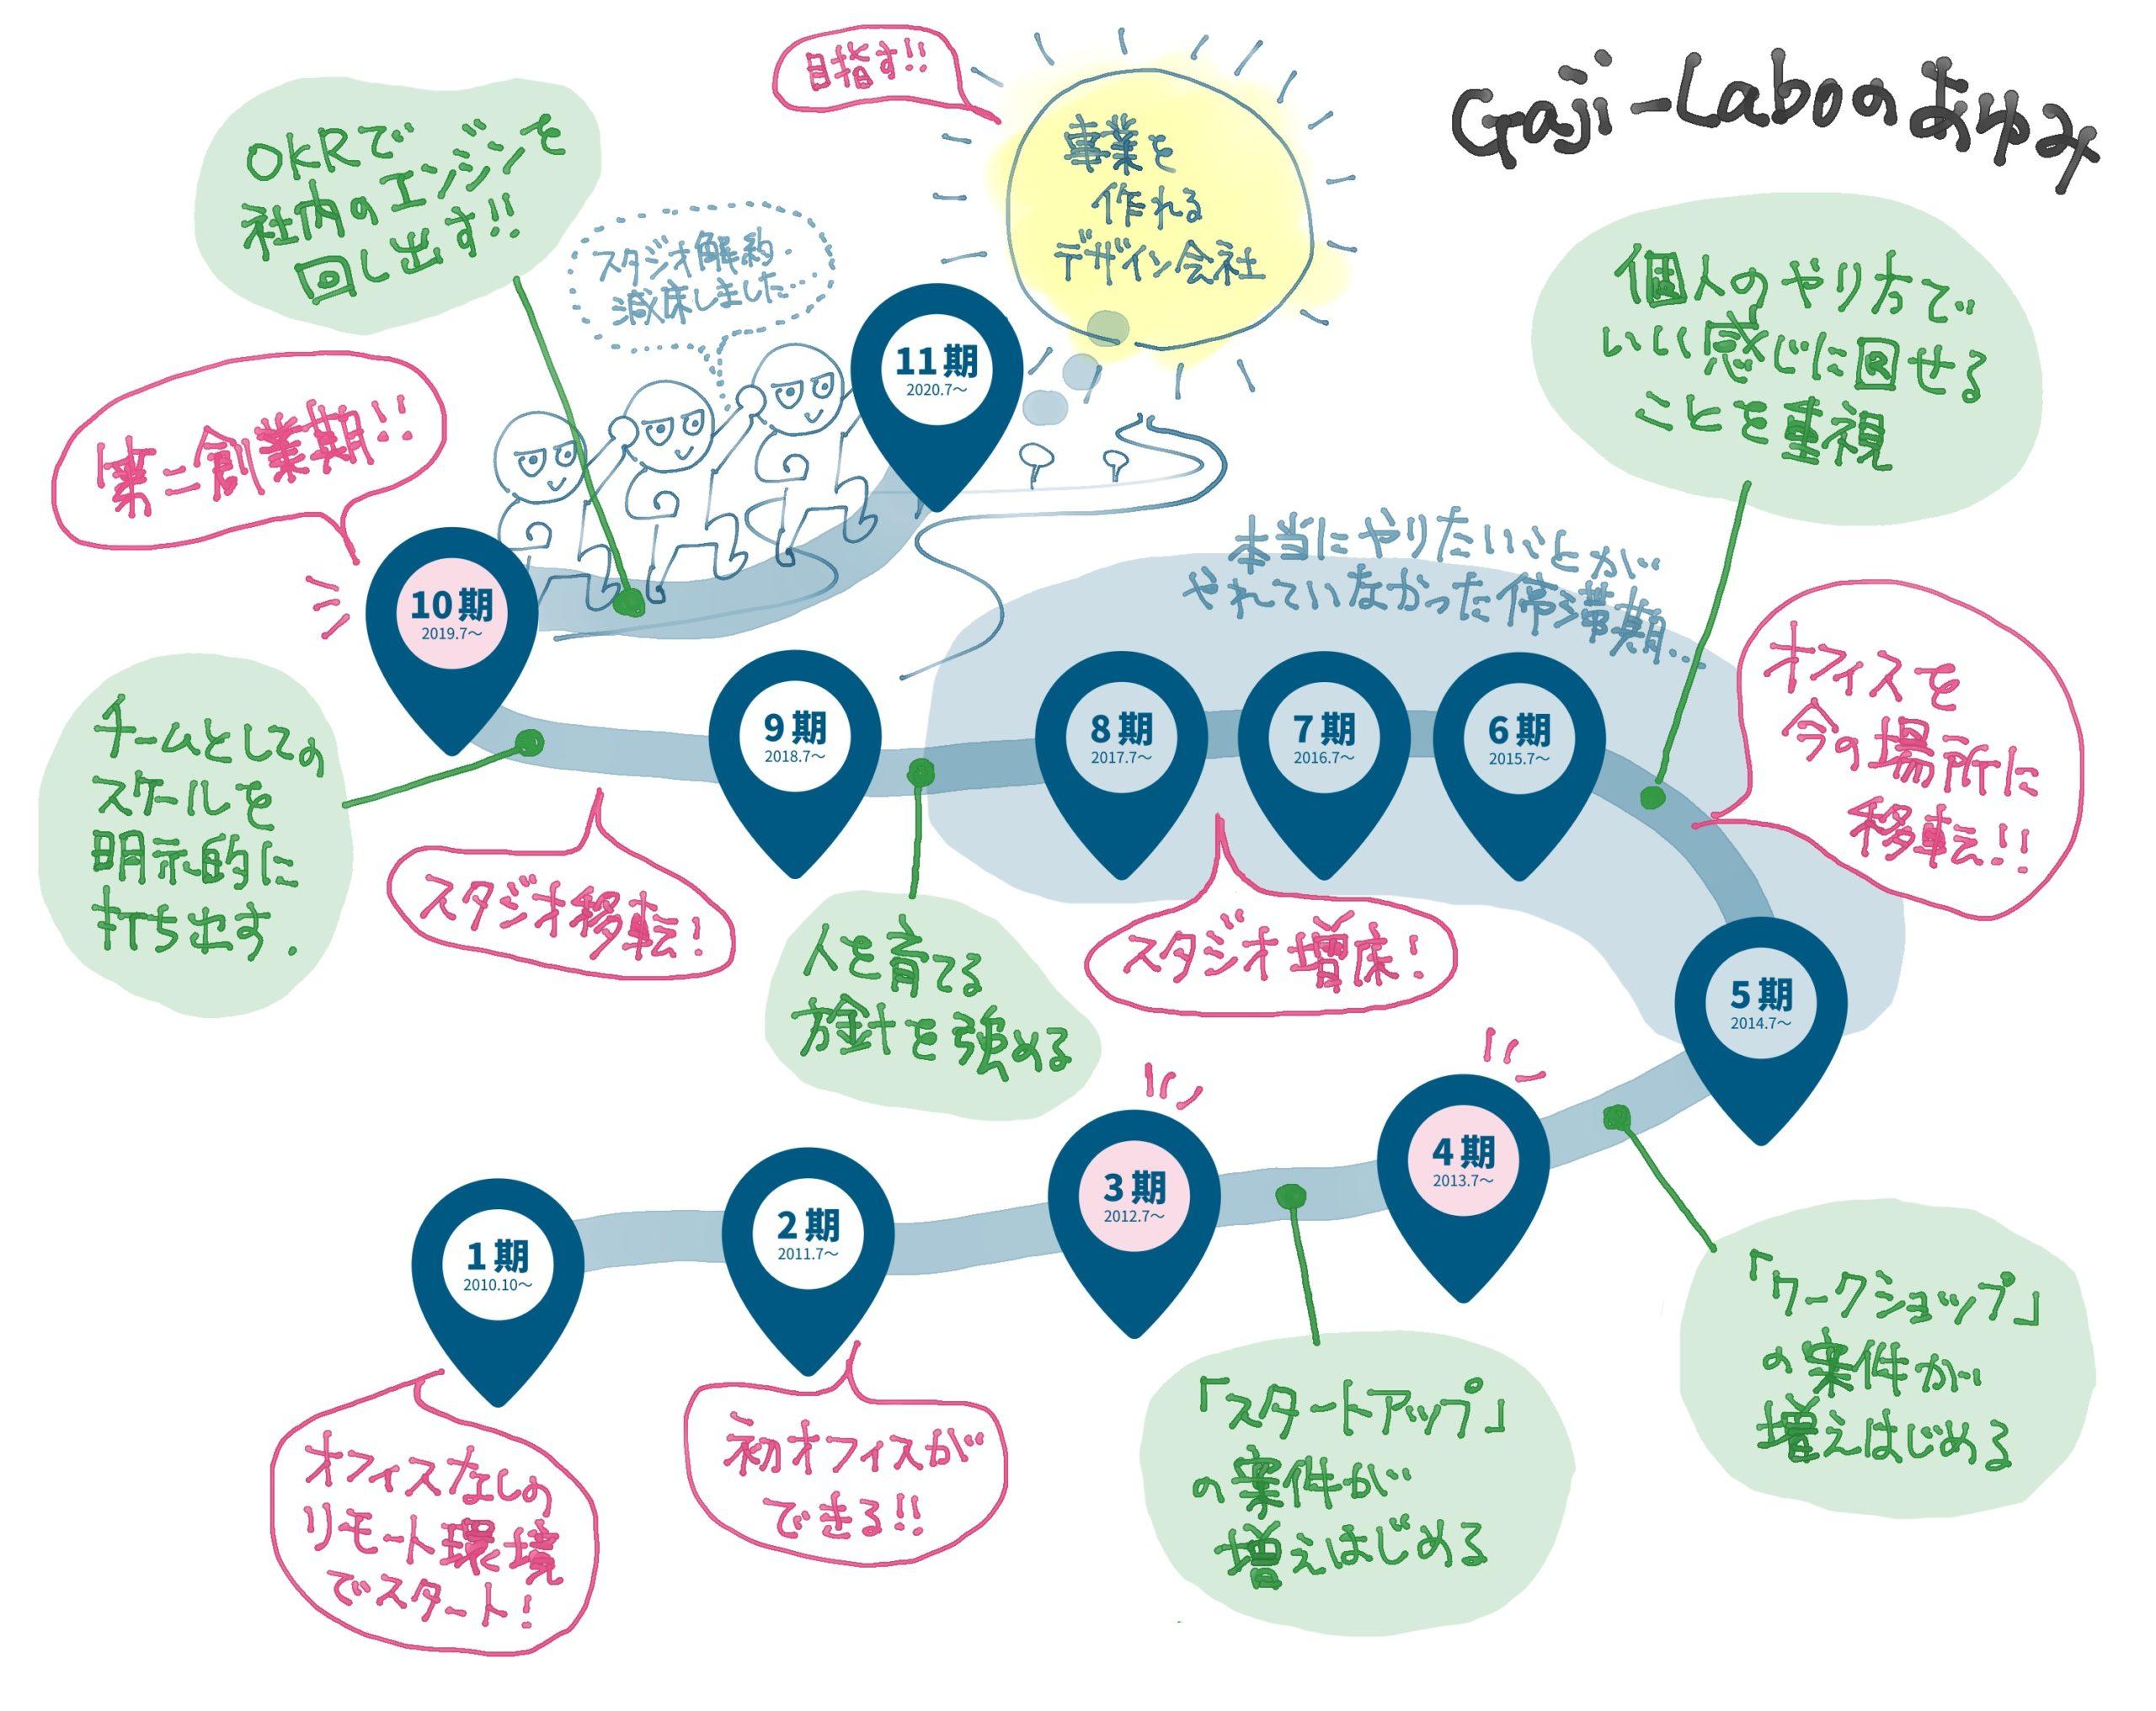 アイキャッチ画像:10回目の創立記念日なので、Gaji-Laboのあゆみをざっくり振り返ってみました